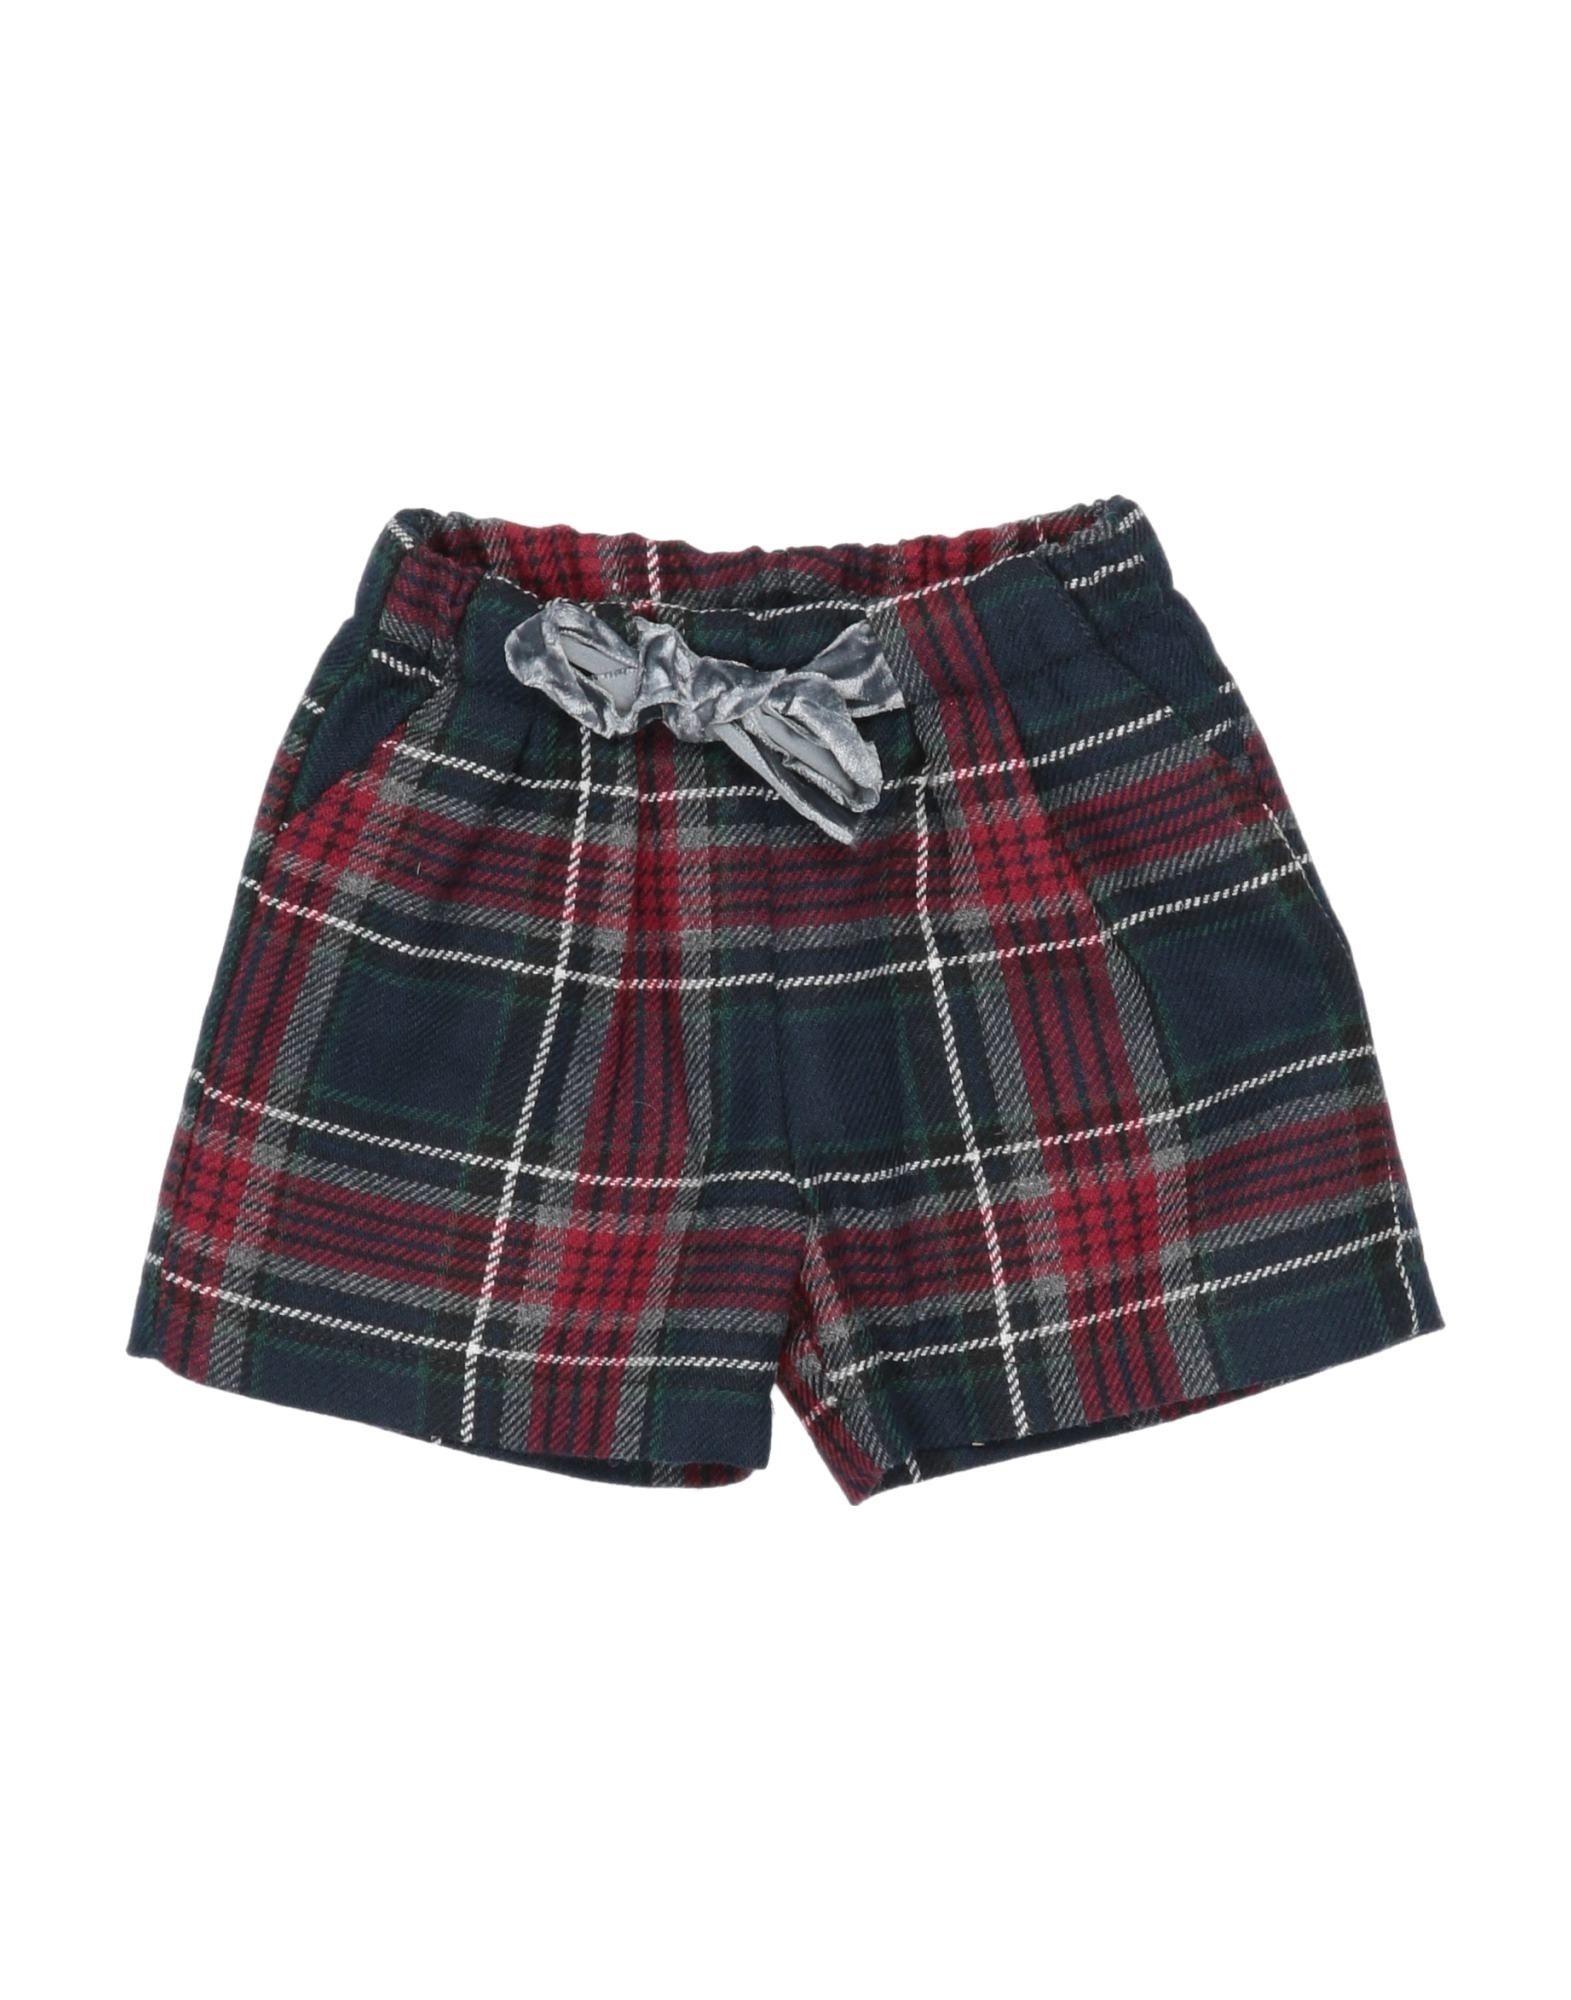 J.o. Milano Kids' Shorts In Multi